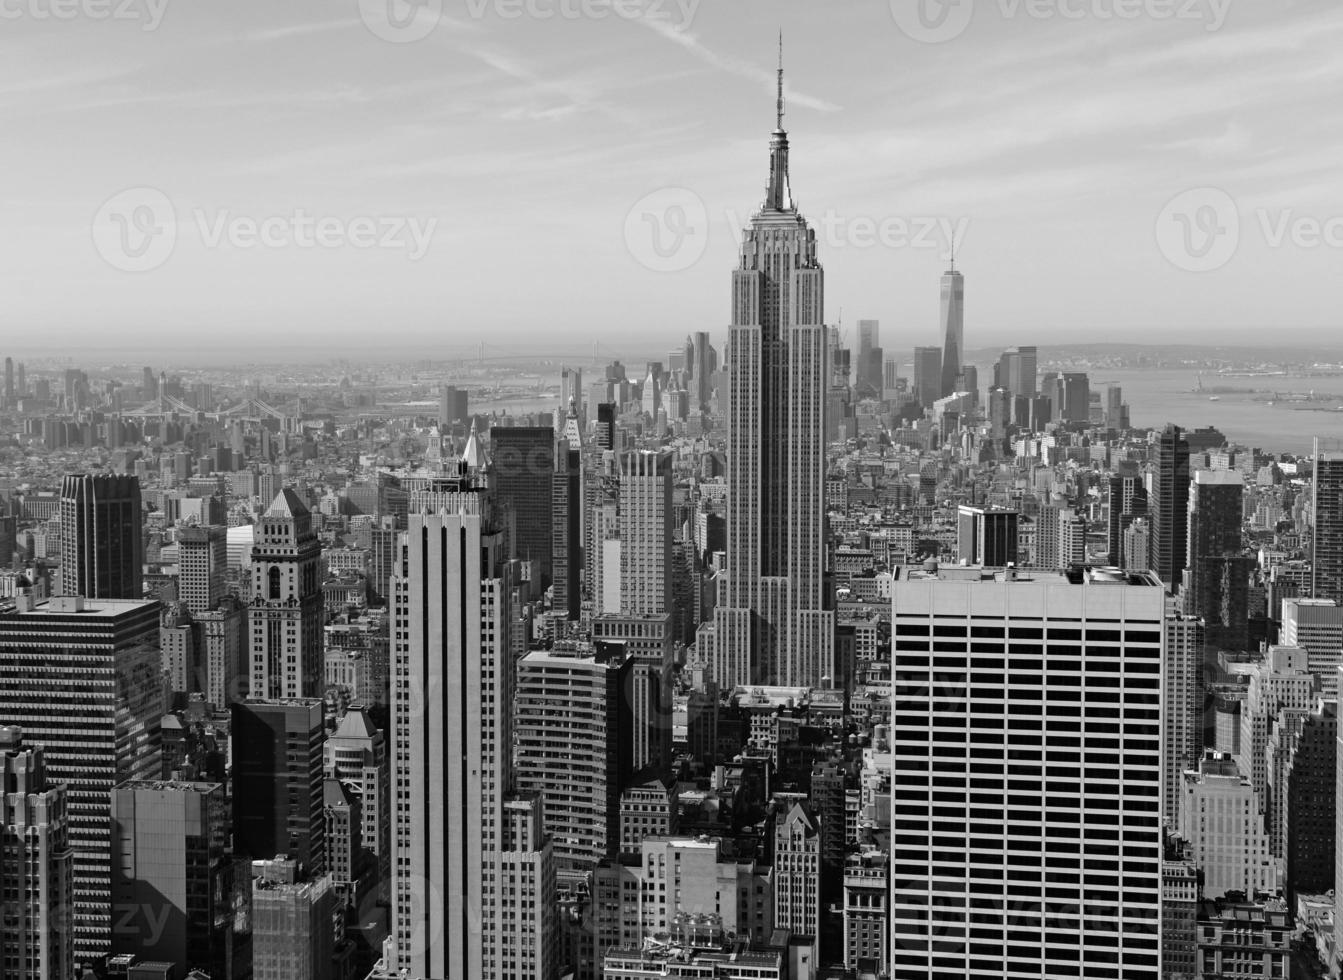 edifici ben confezionati e skyline di manhattan, new york city foto